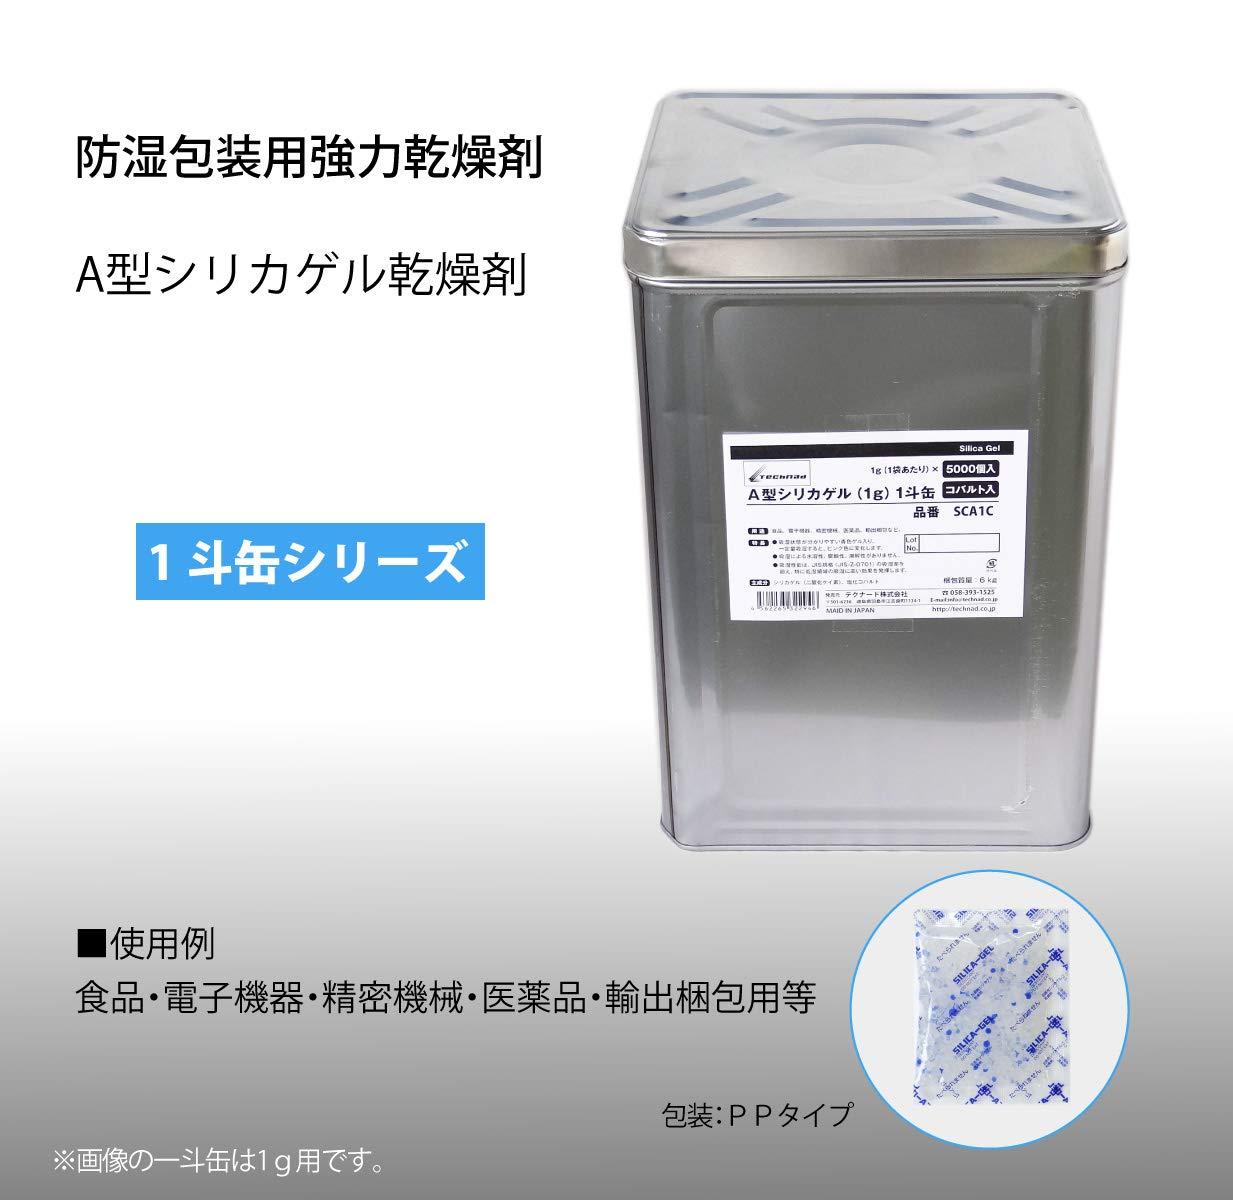 防湿包装用強力乾燥剤 A型シリカゲルクリーン&ドライ「1斗缶シリーズ」 (50g200個) B07JVJ6Q9M  50g200個